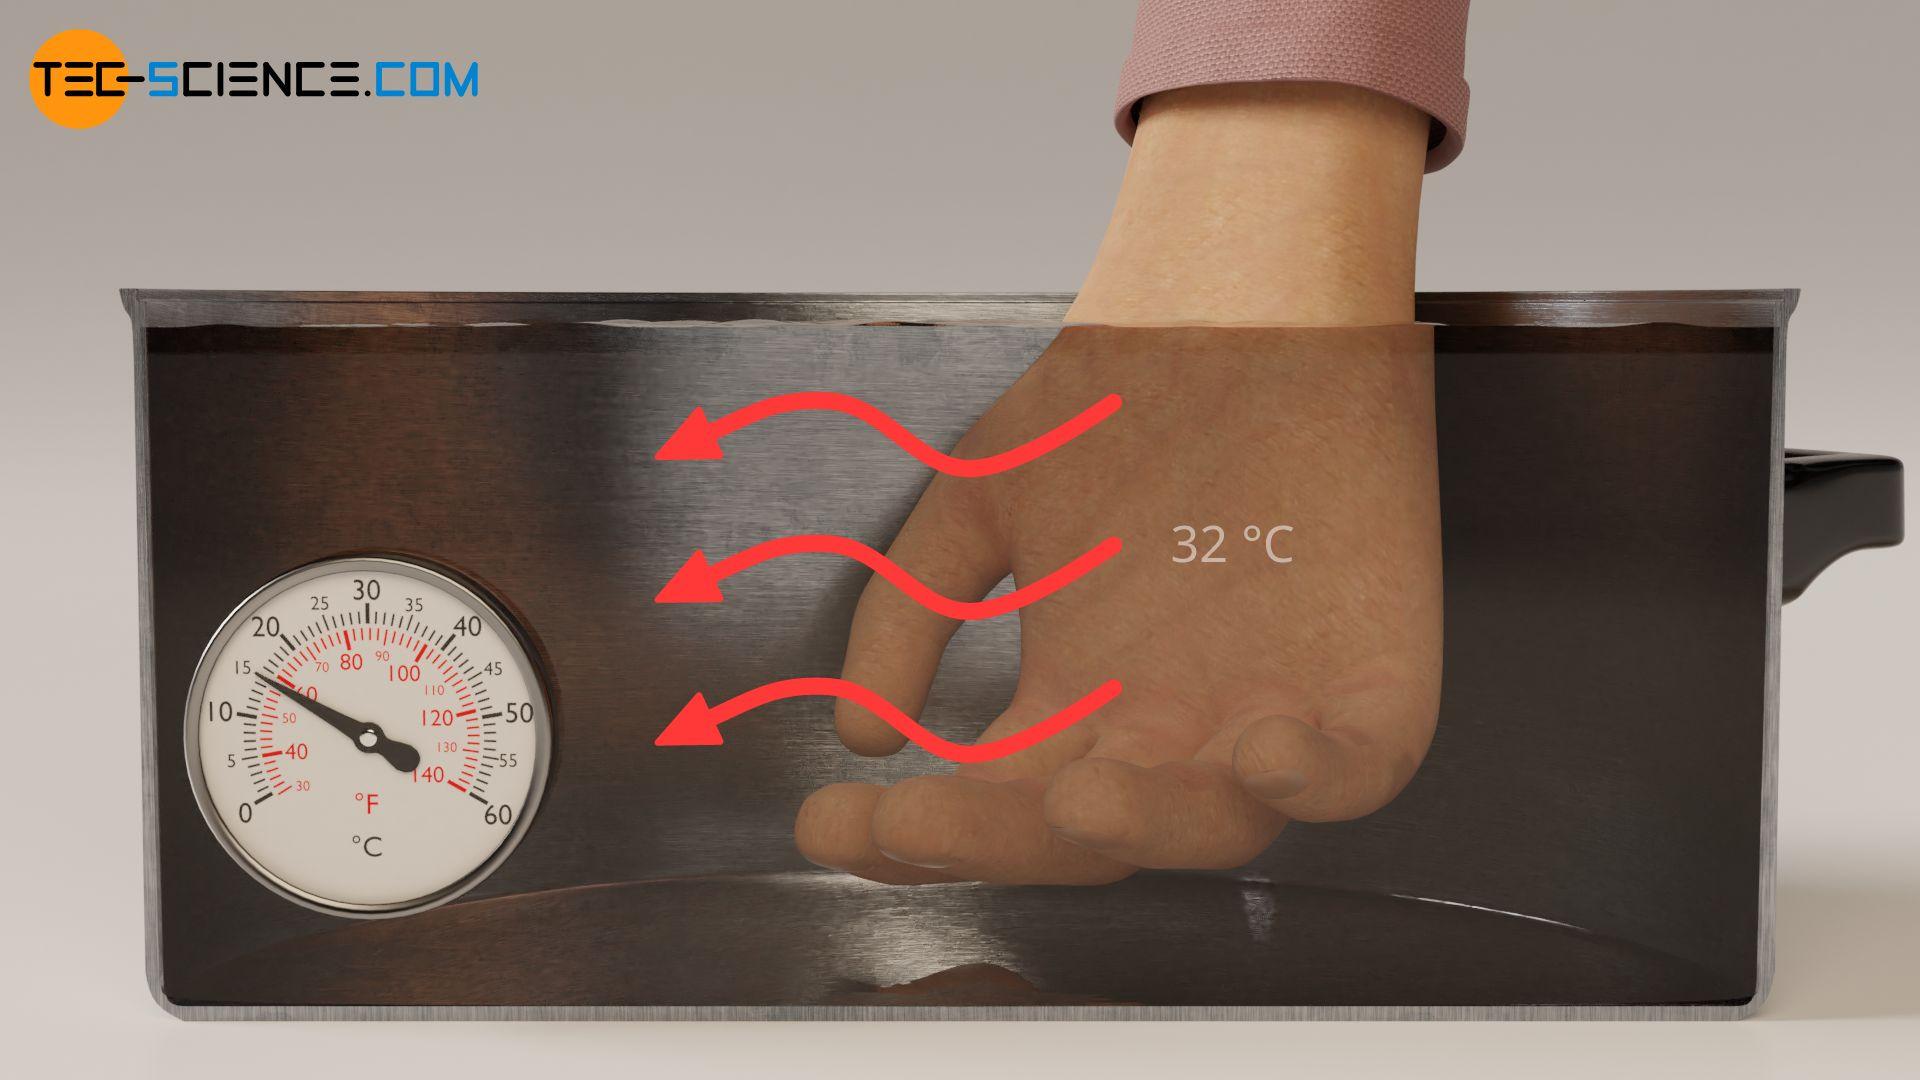 """Empfindung für """"Kälte"""" bei Wärmeströme, die von unserer Haut weggerichtet sind"""